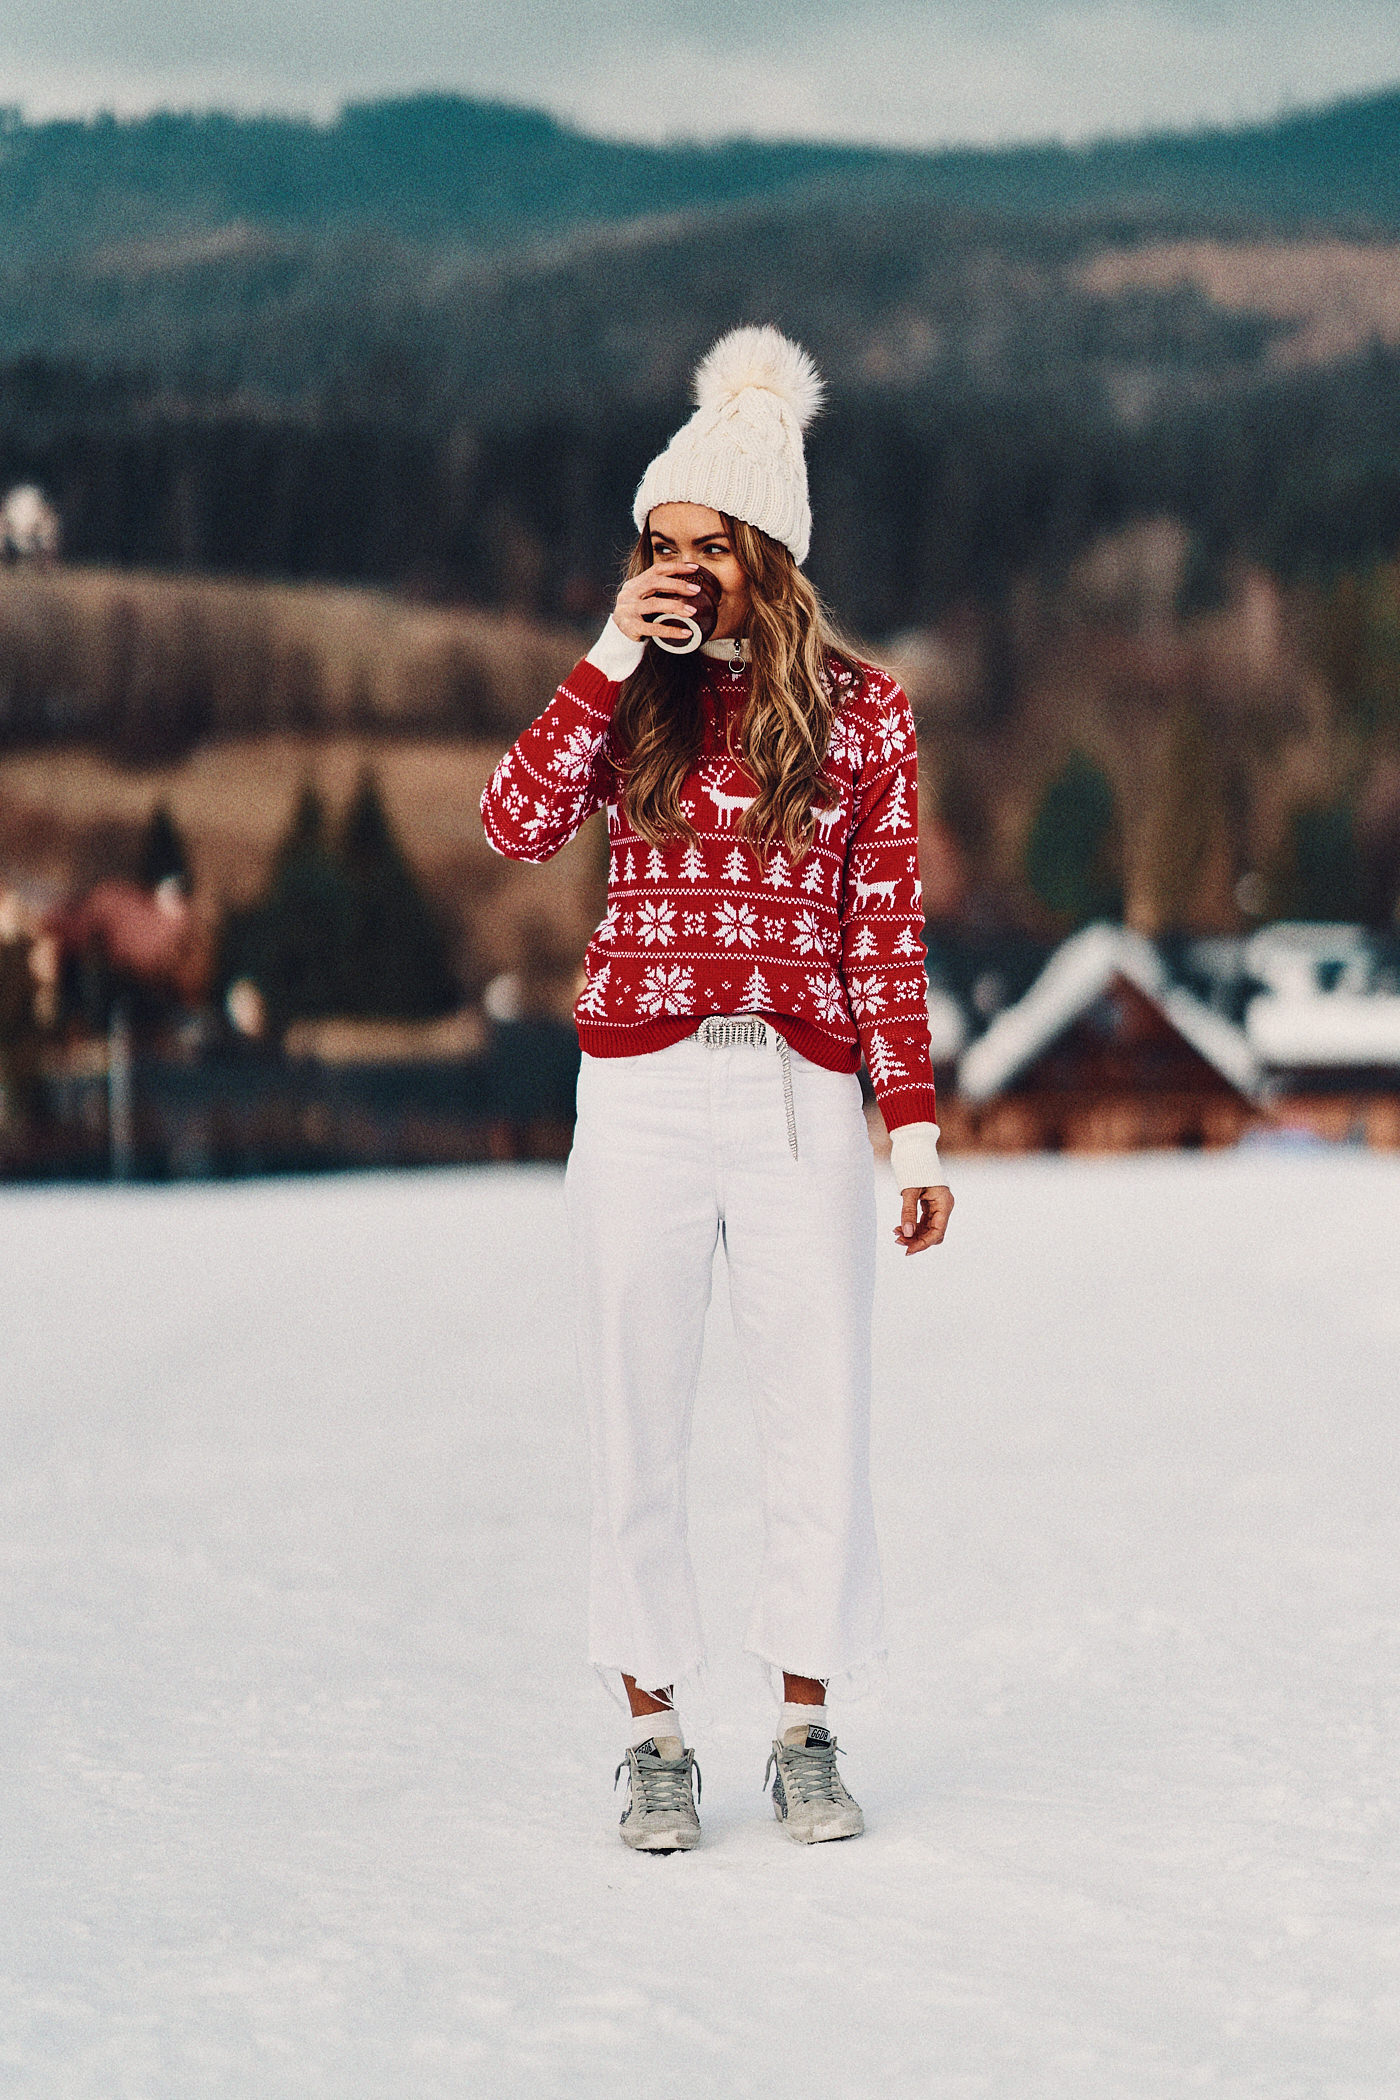 Świąteczny sweter, sweter Mosquito, Istebna, grzaniec galicyjski